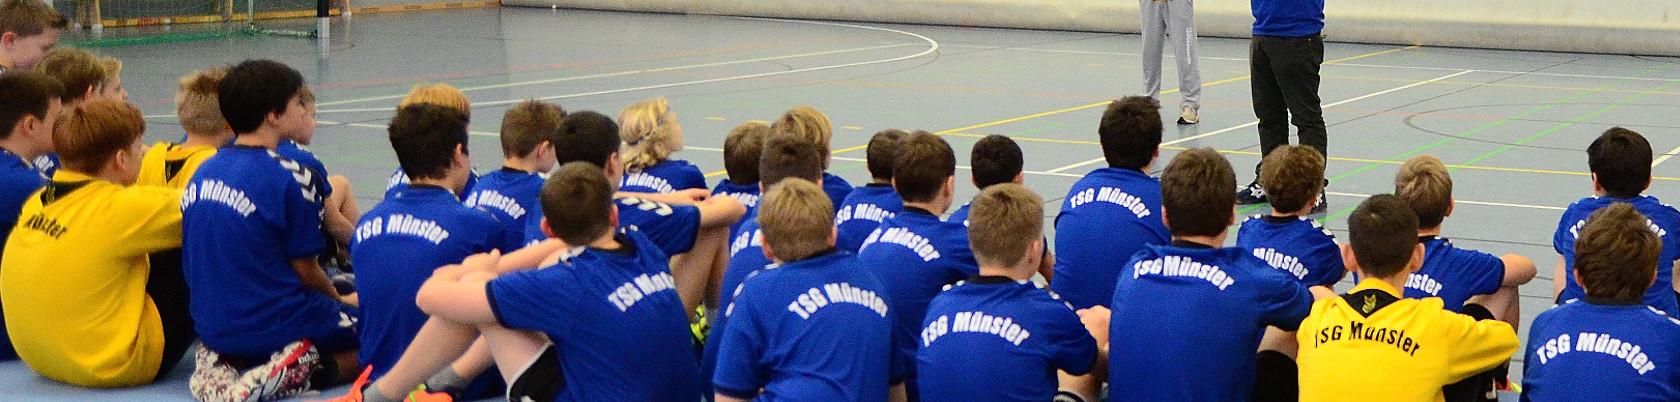 TSG Muenster_Jugend